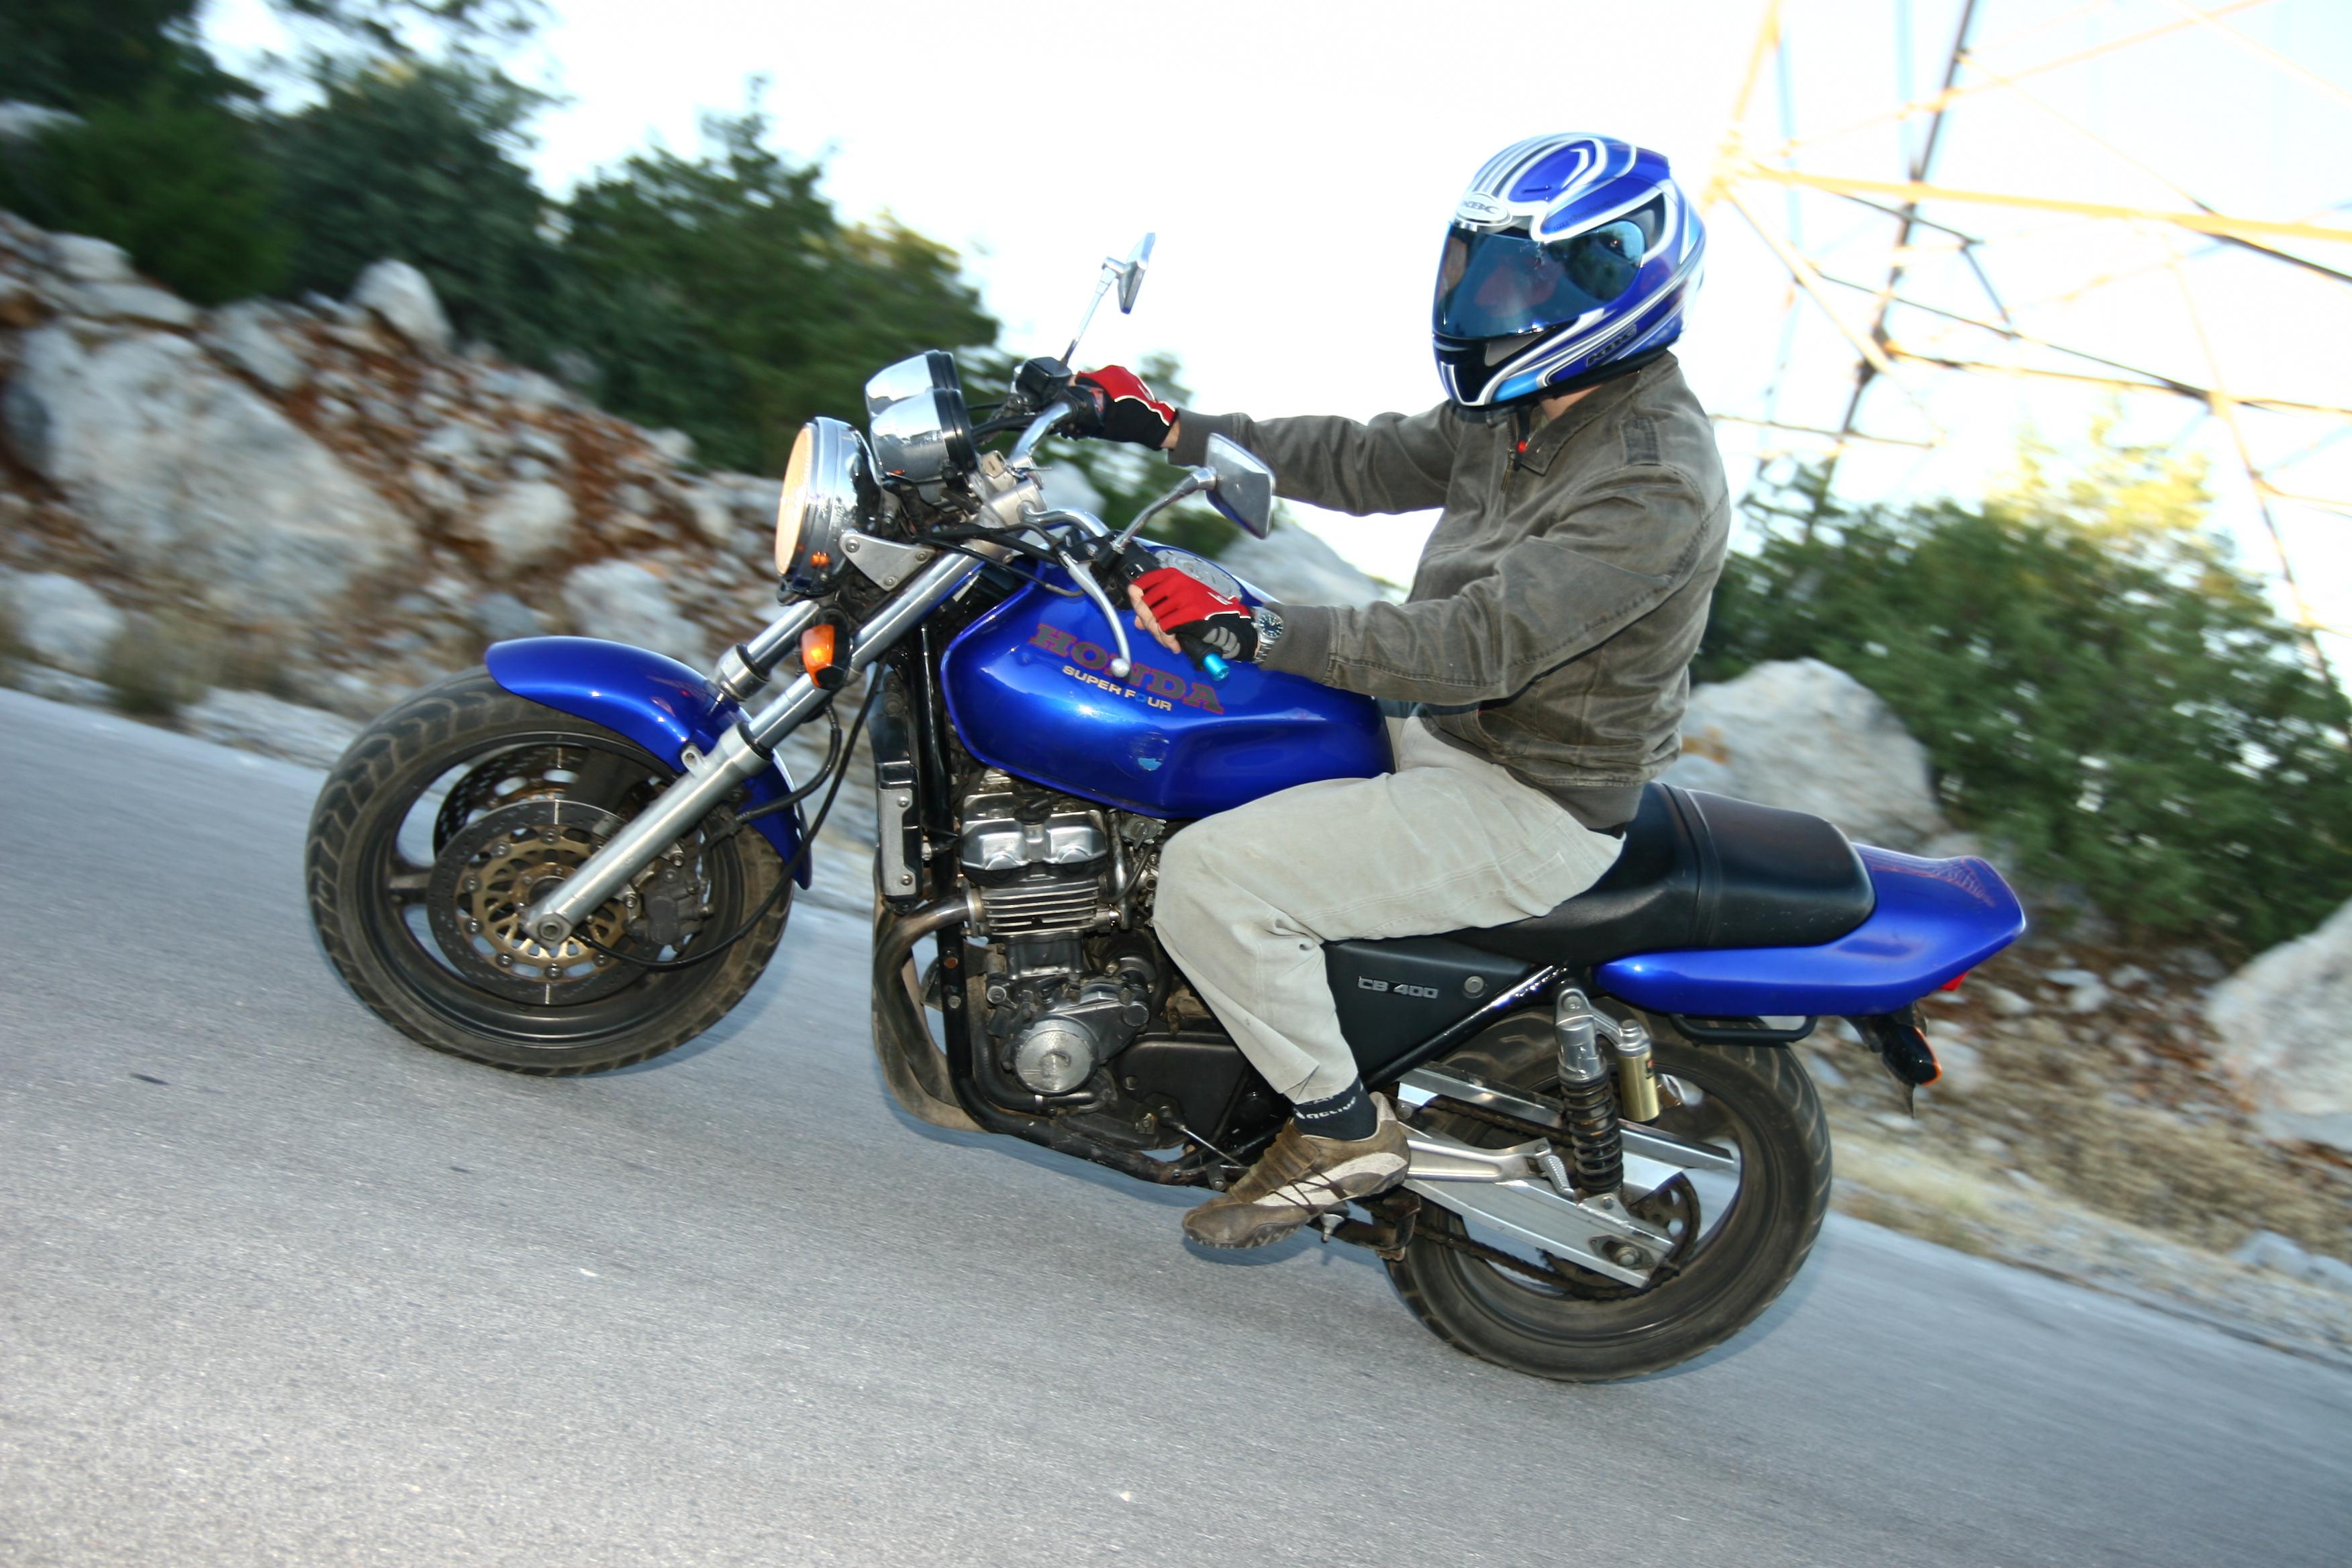 My New Ravi Piaggio 2014  (New Model) - Honda CB400 Super Four